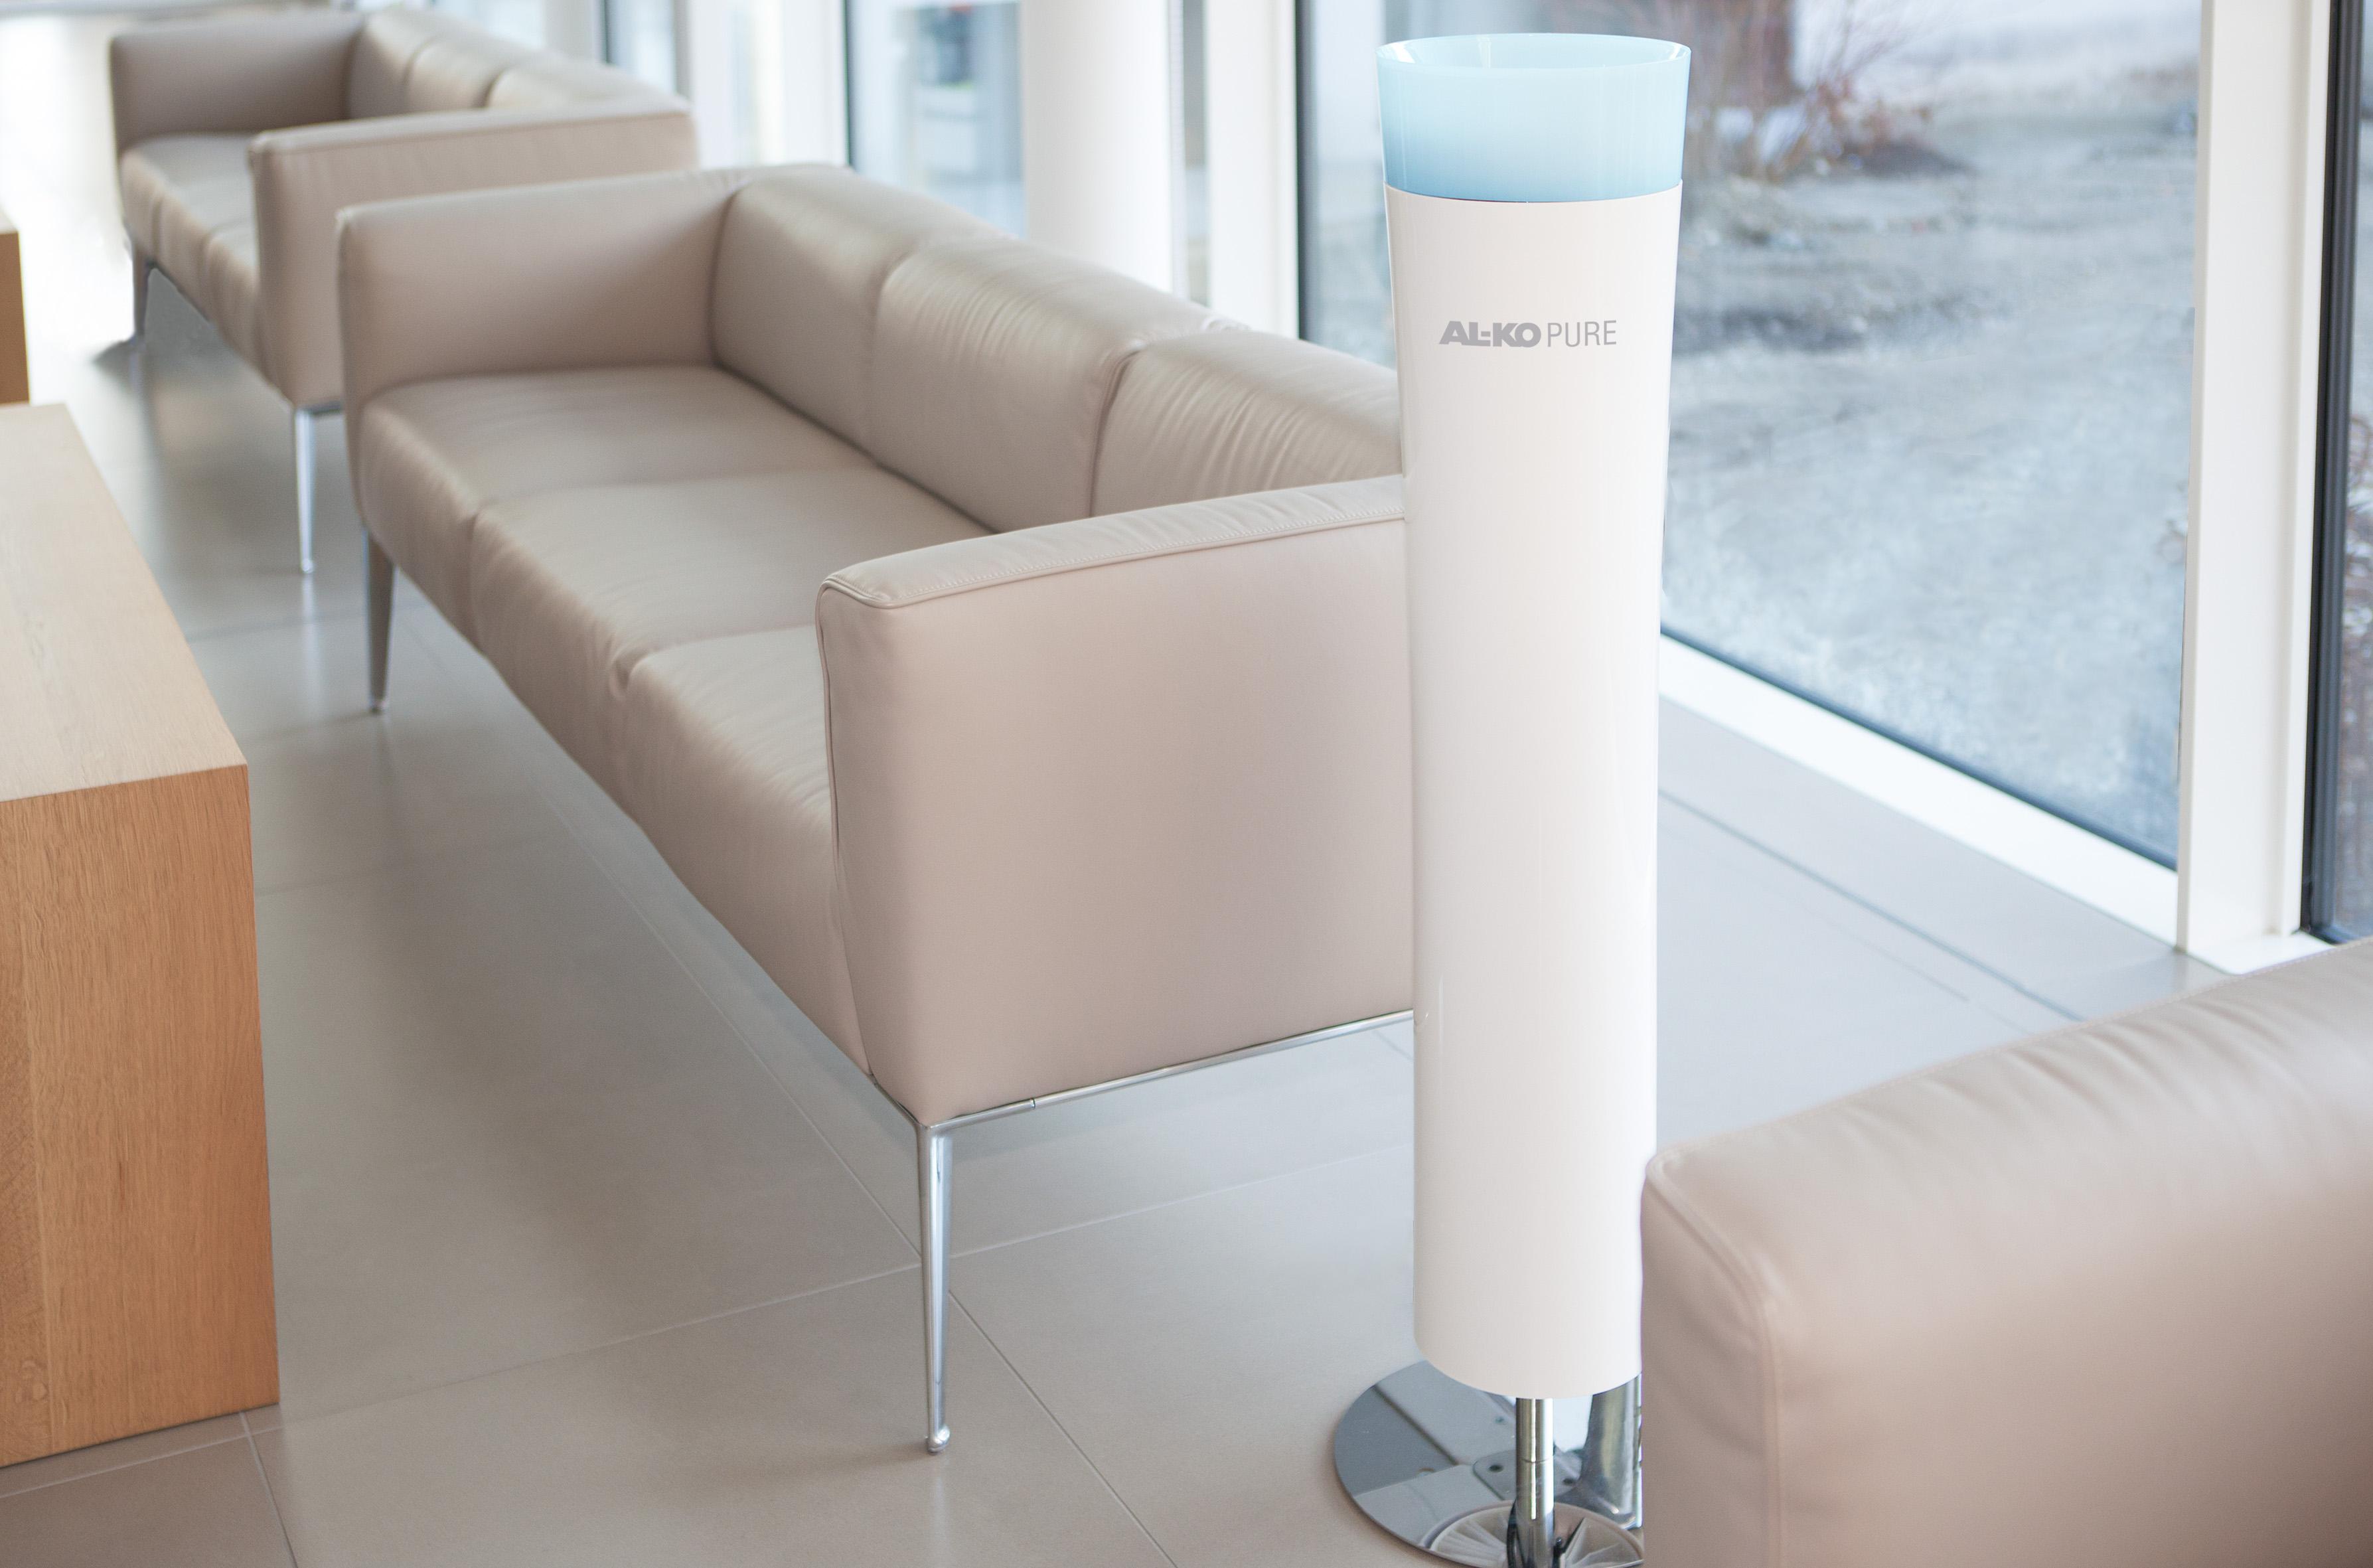 Oczyszczacz-powietrza-alko-pure-health-beauty-tech.jpg